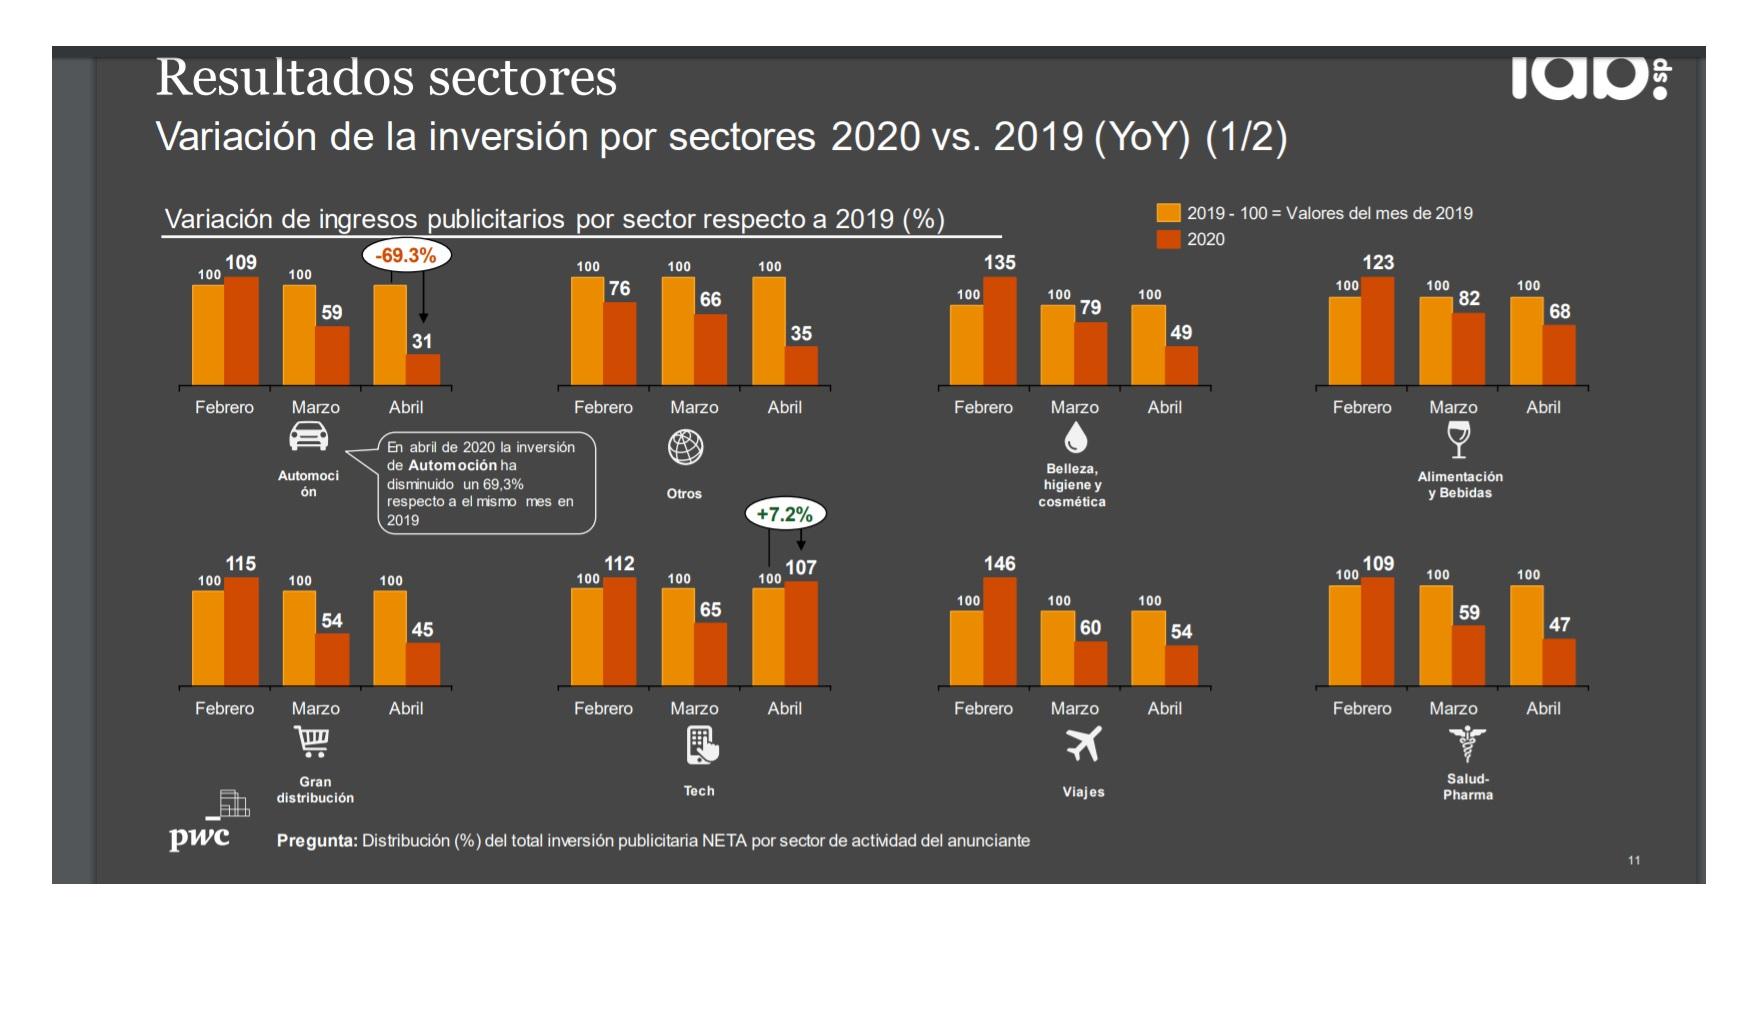 https://www.programapublicidad.com/wp-content/uploads/2020/05/iab-sectores-digital-automocion-inversión-estado-de-alarma-programapublicidad.jpg